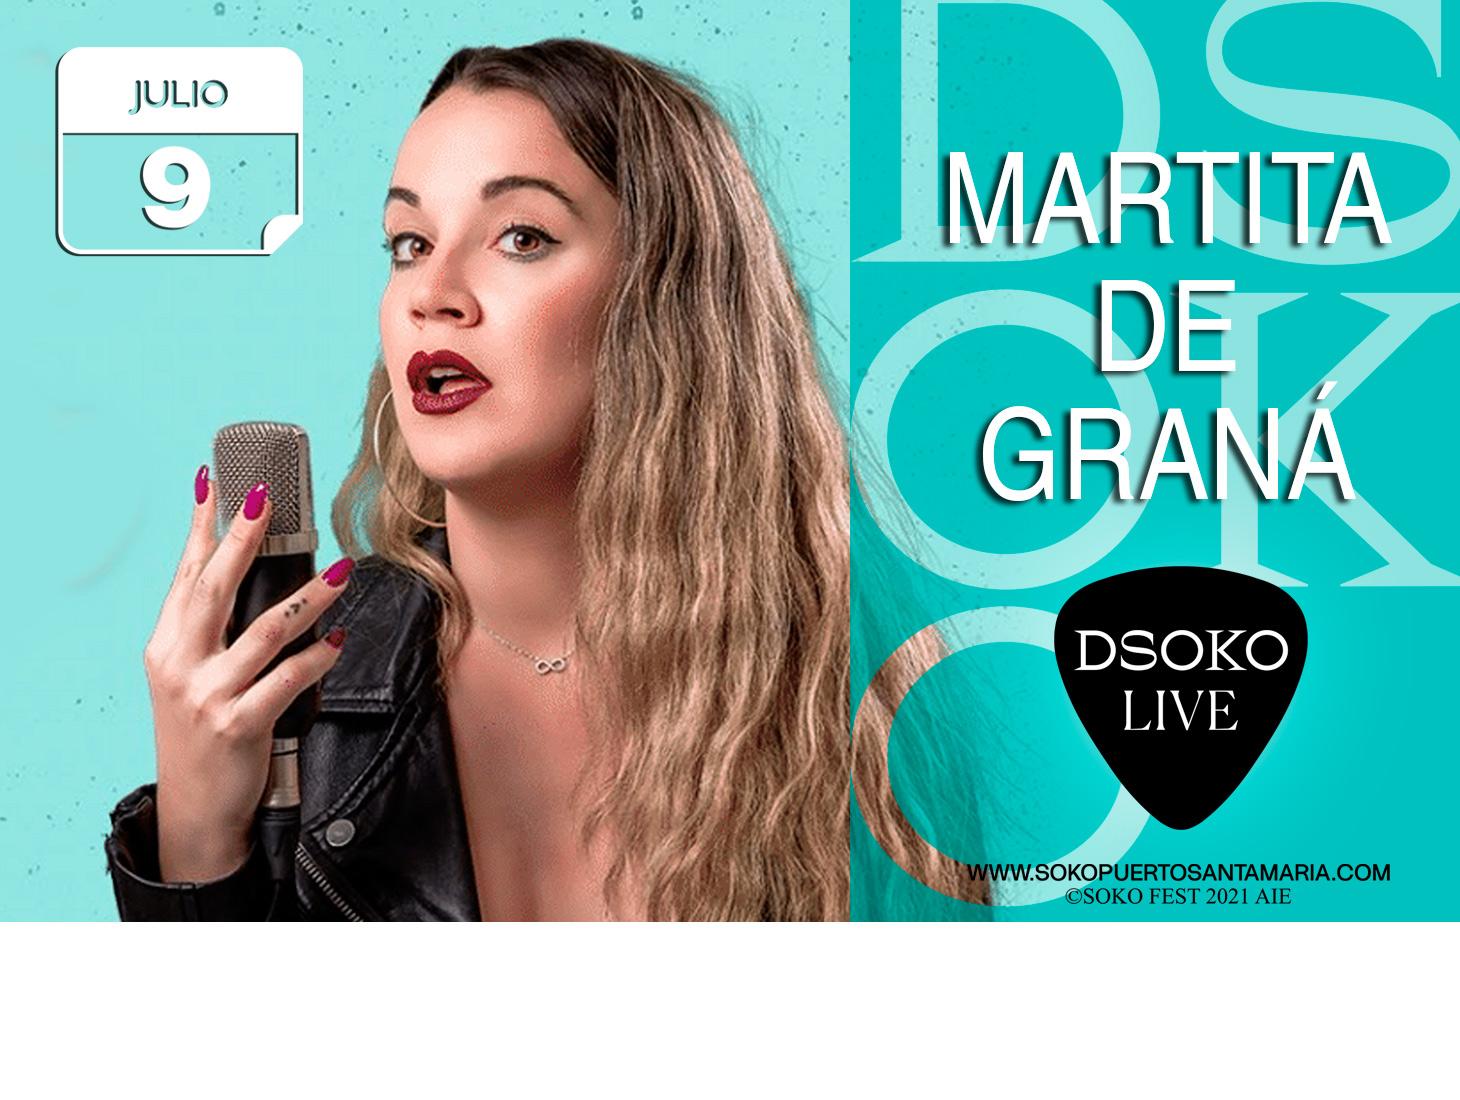 martita-de-grana-soko-fest-viernes-9-de-julio-6093fbaa06049.jpeg